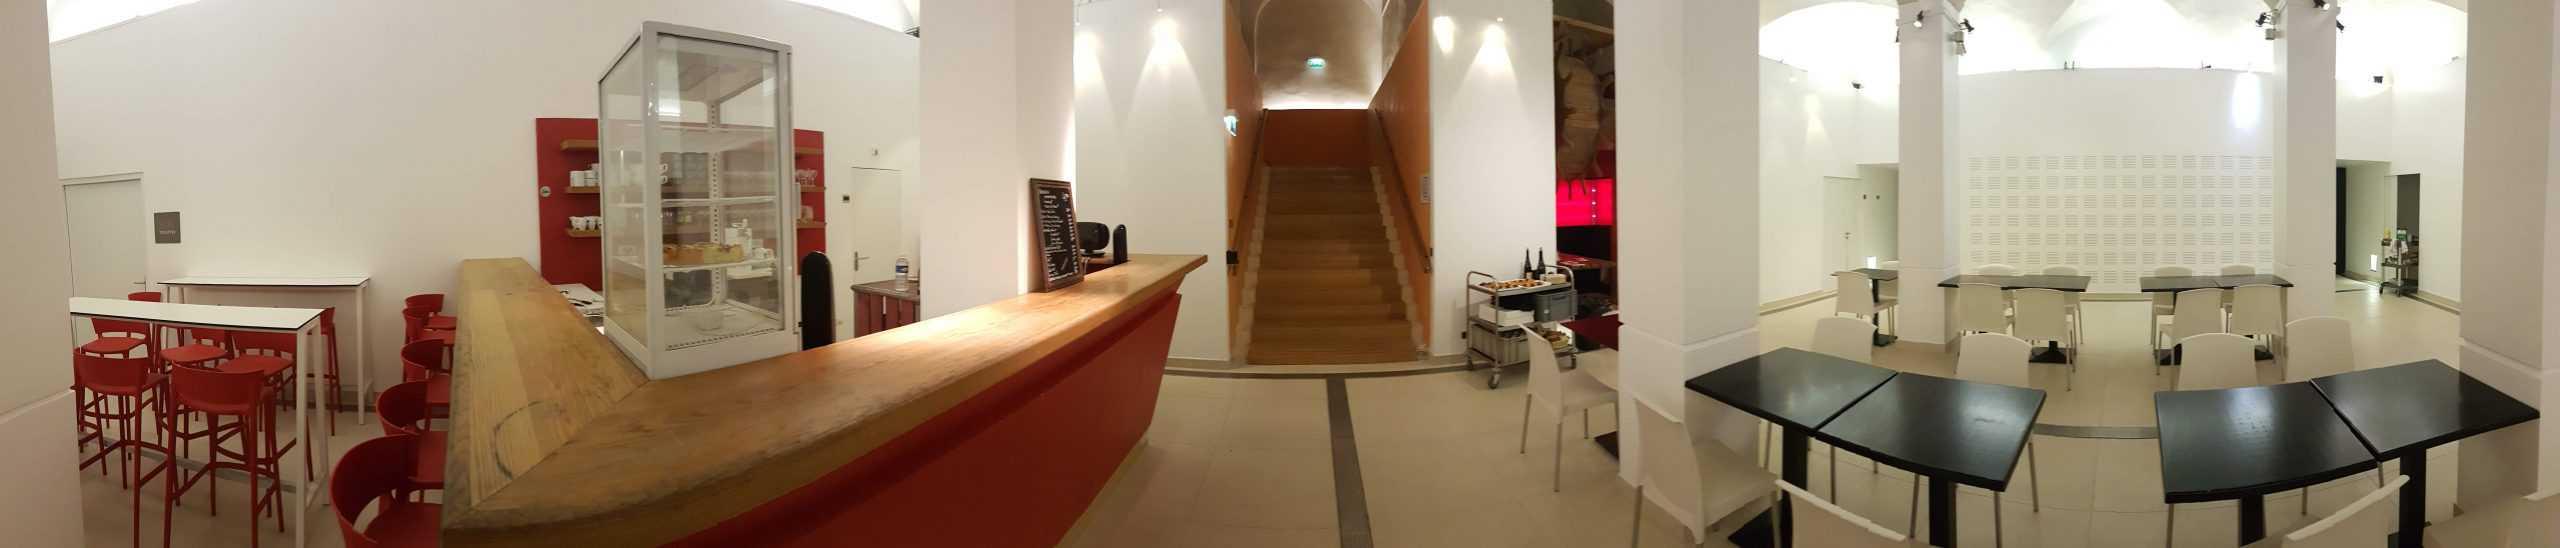 letourdi bar restaurant théâtre des célestins niveau 1 4 scaled